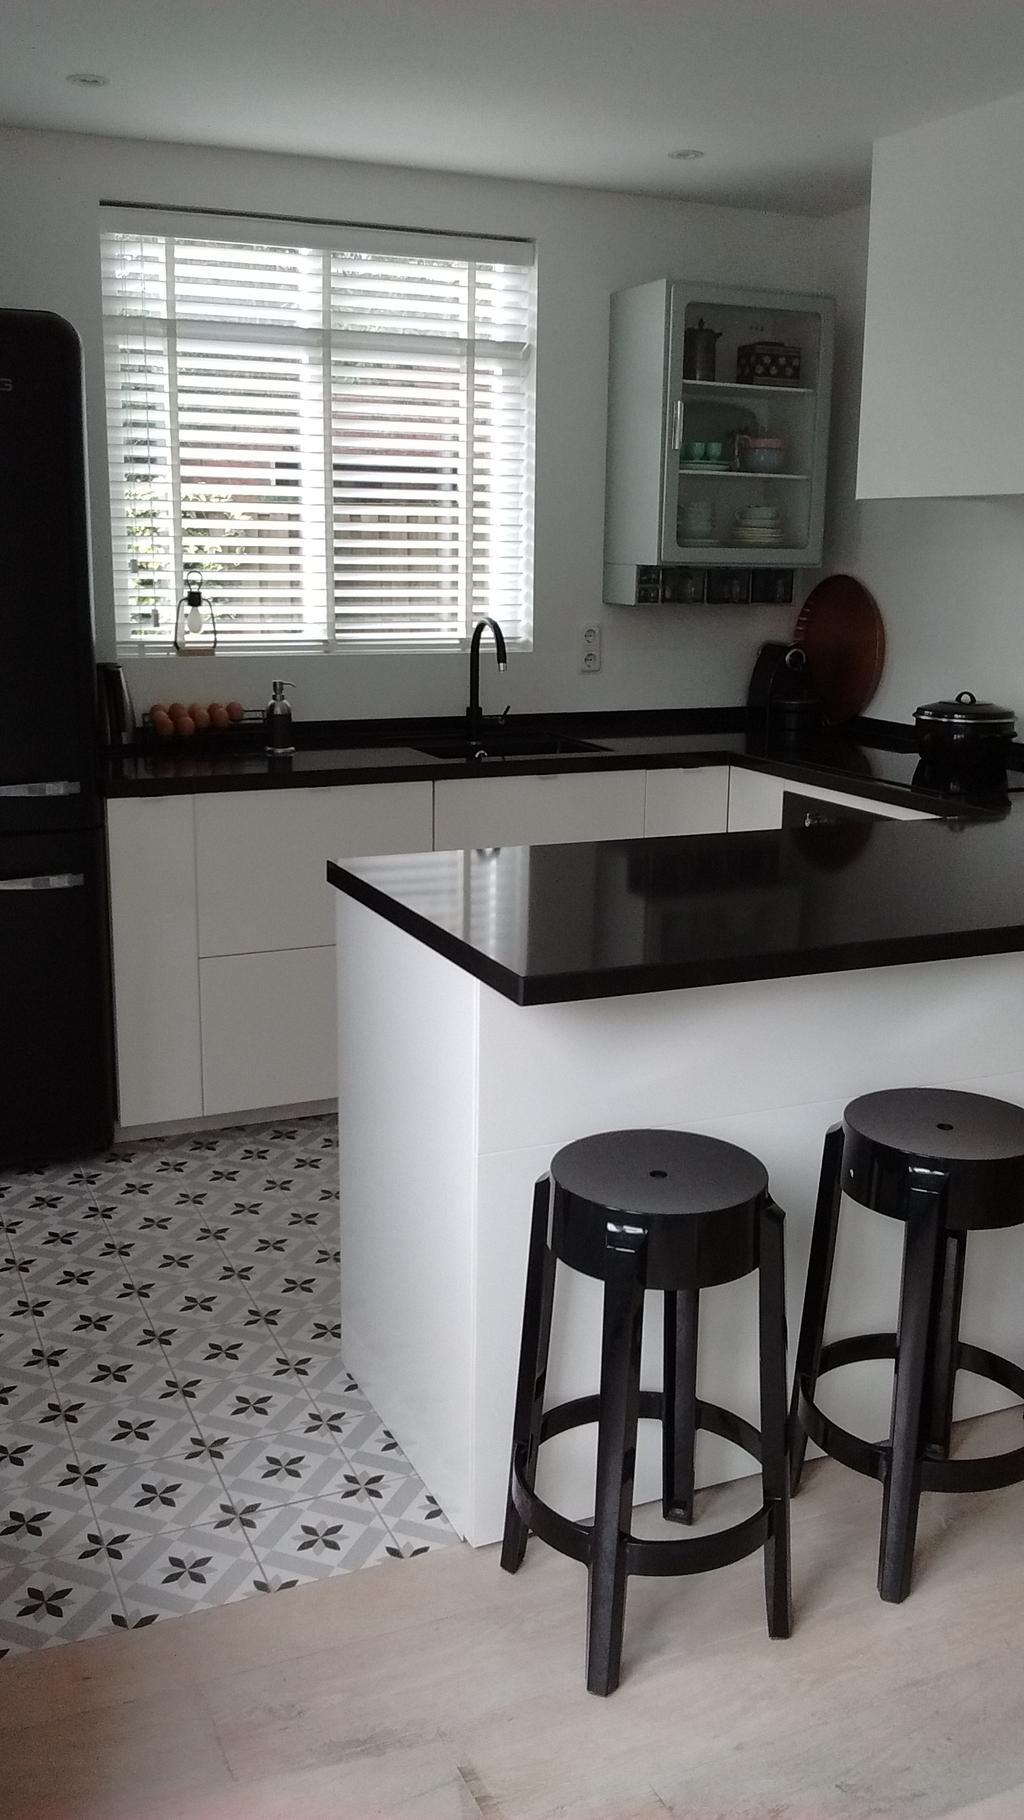 dit-is-onze-keuken-van-ikea-met-koelkast-van-smeg-die-eerst-roze-was-maar-mat-zwart-is-gespoten-de-barkrukken-van-kartell-kocht-mijn-man-op-marktplaats-voor-mijn-verjaardag